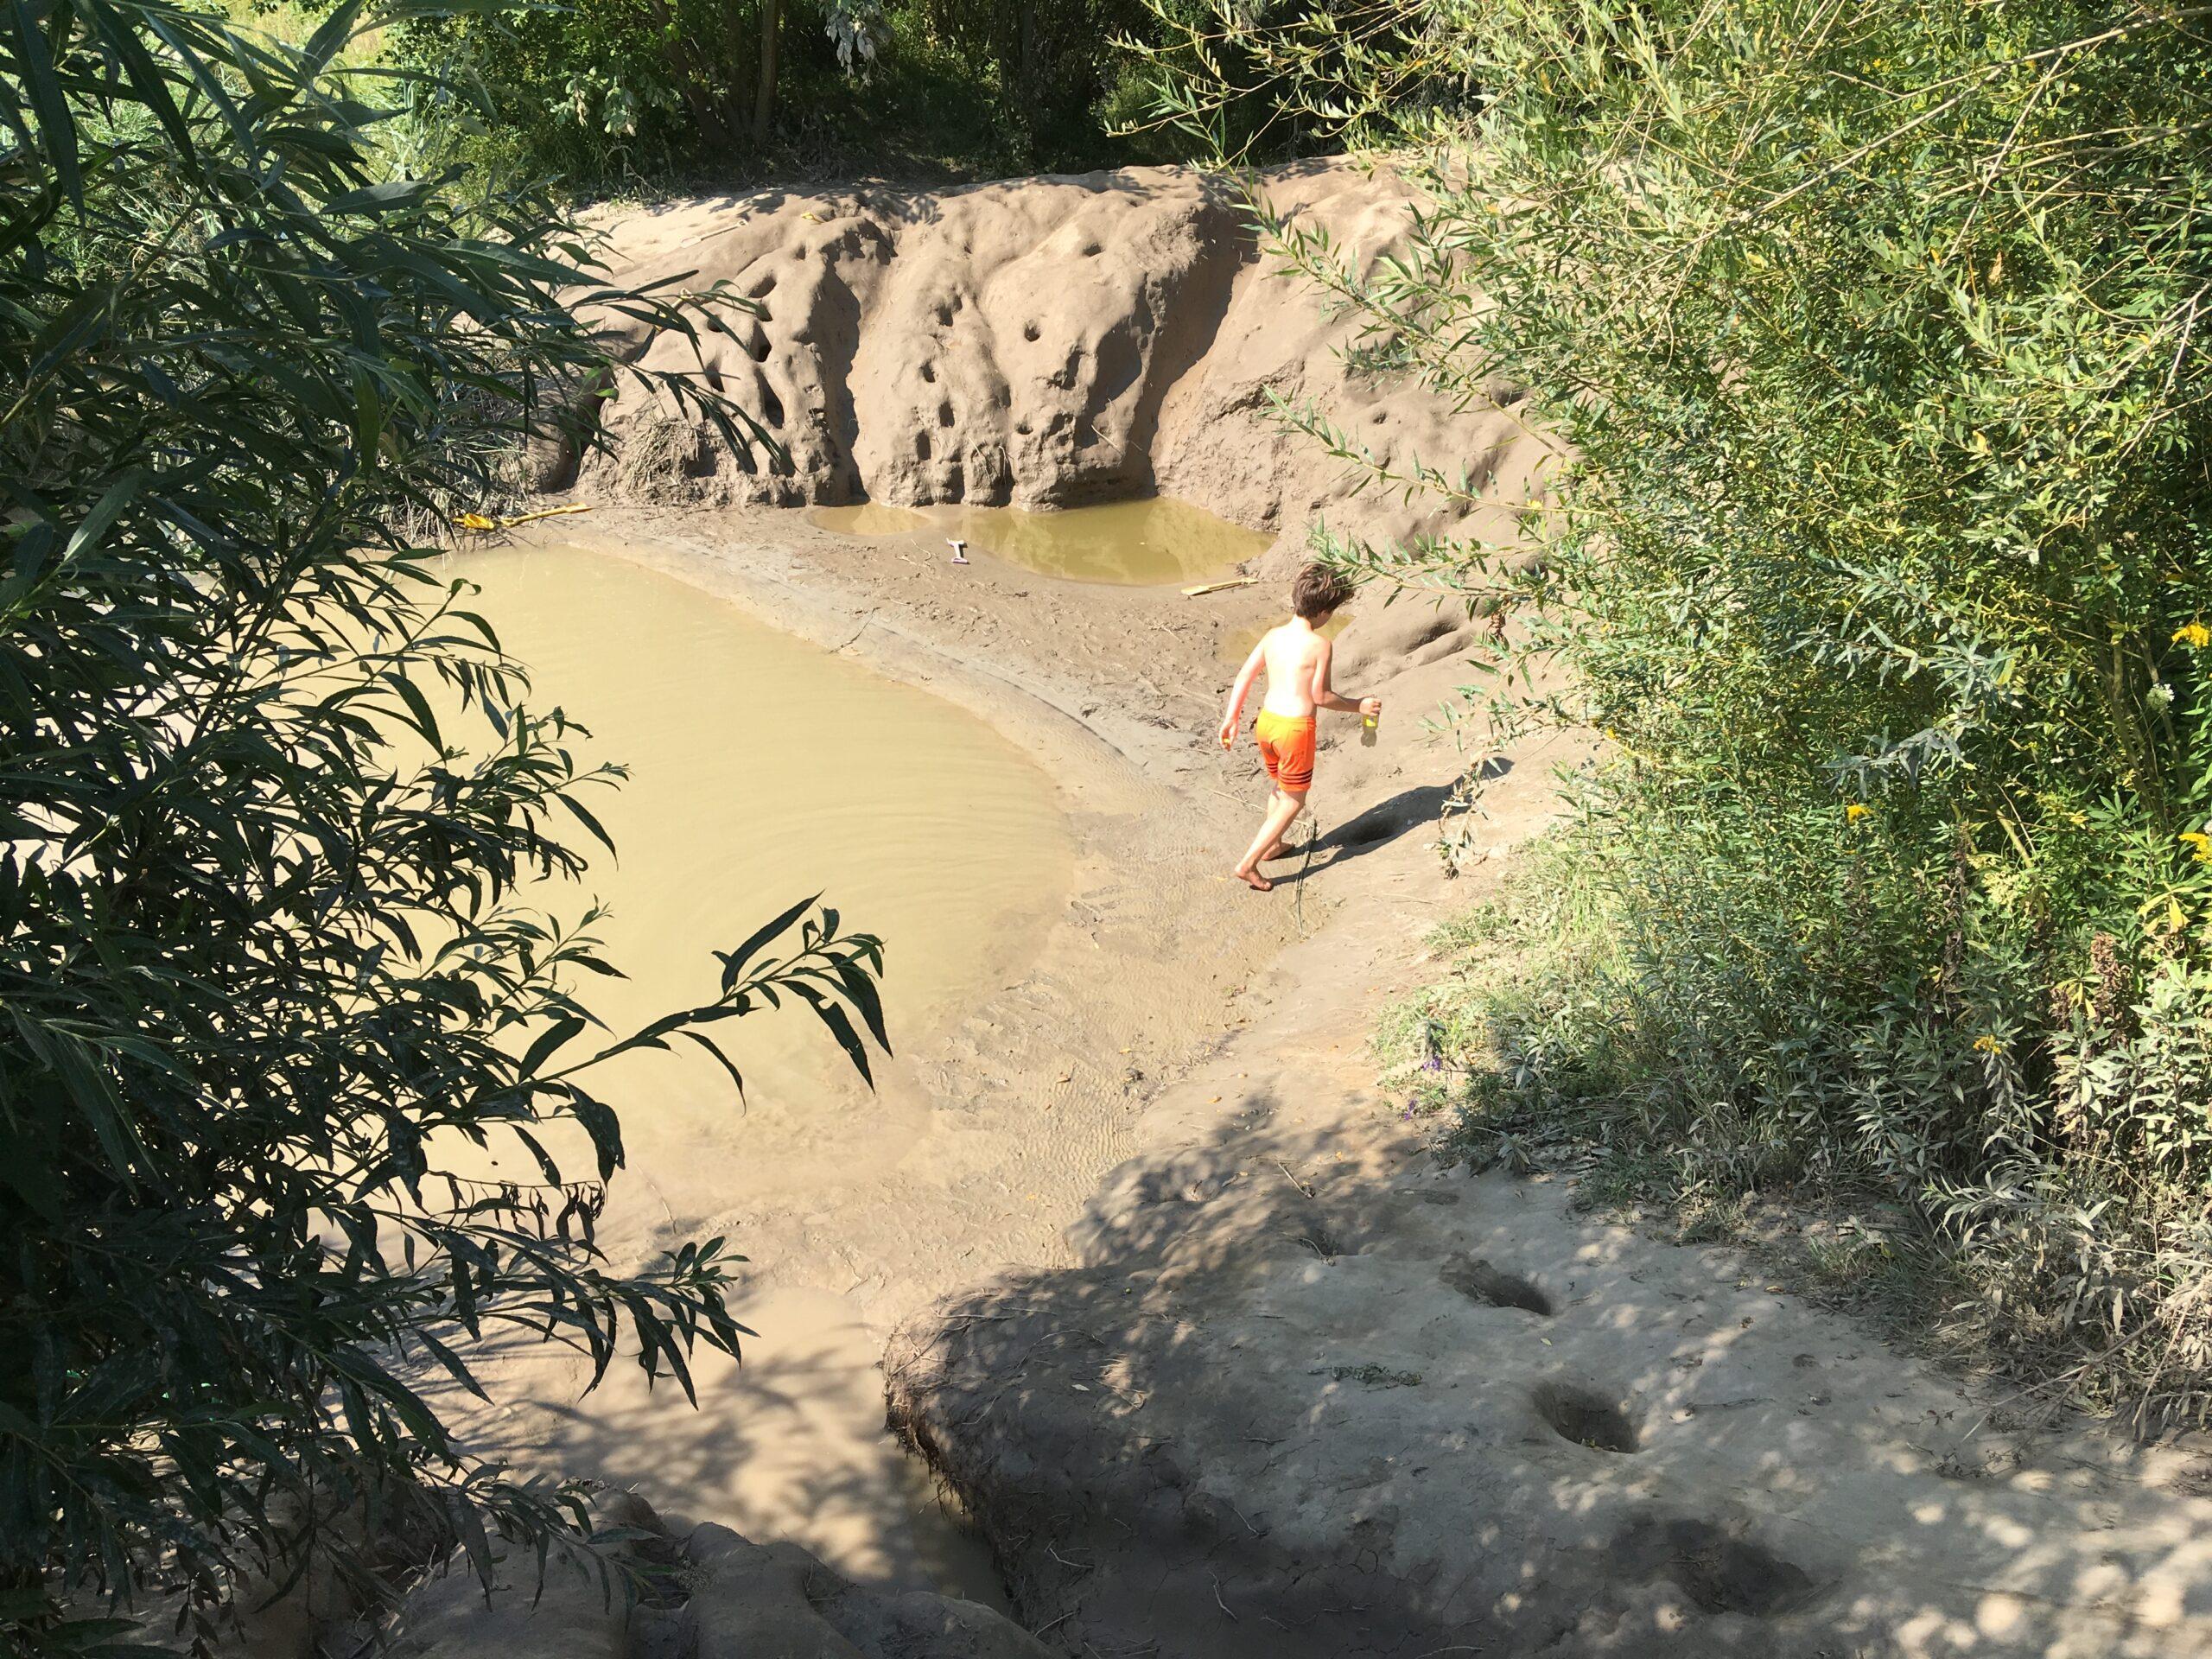 Zou dit de befaamde modderglijbaan zijn? Voorzichtig gaat de eerste teen de modder in.